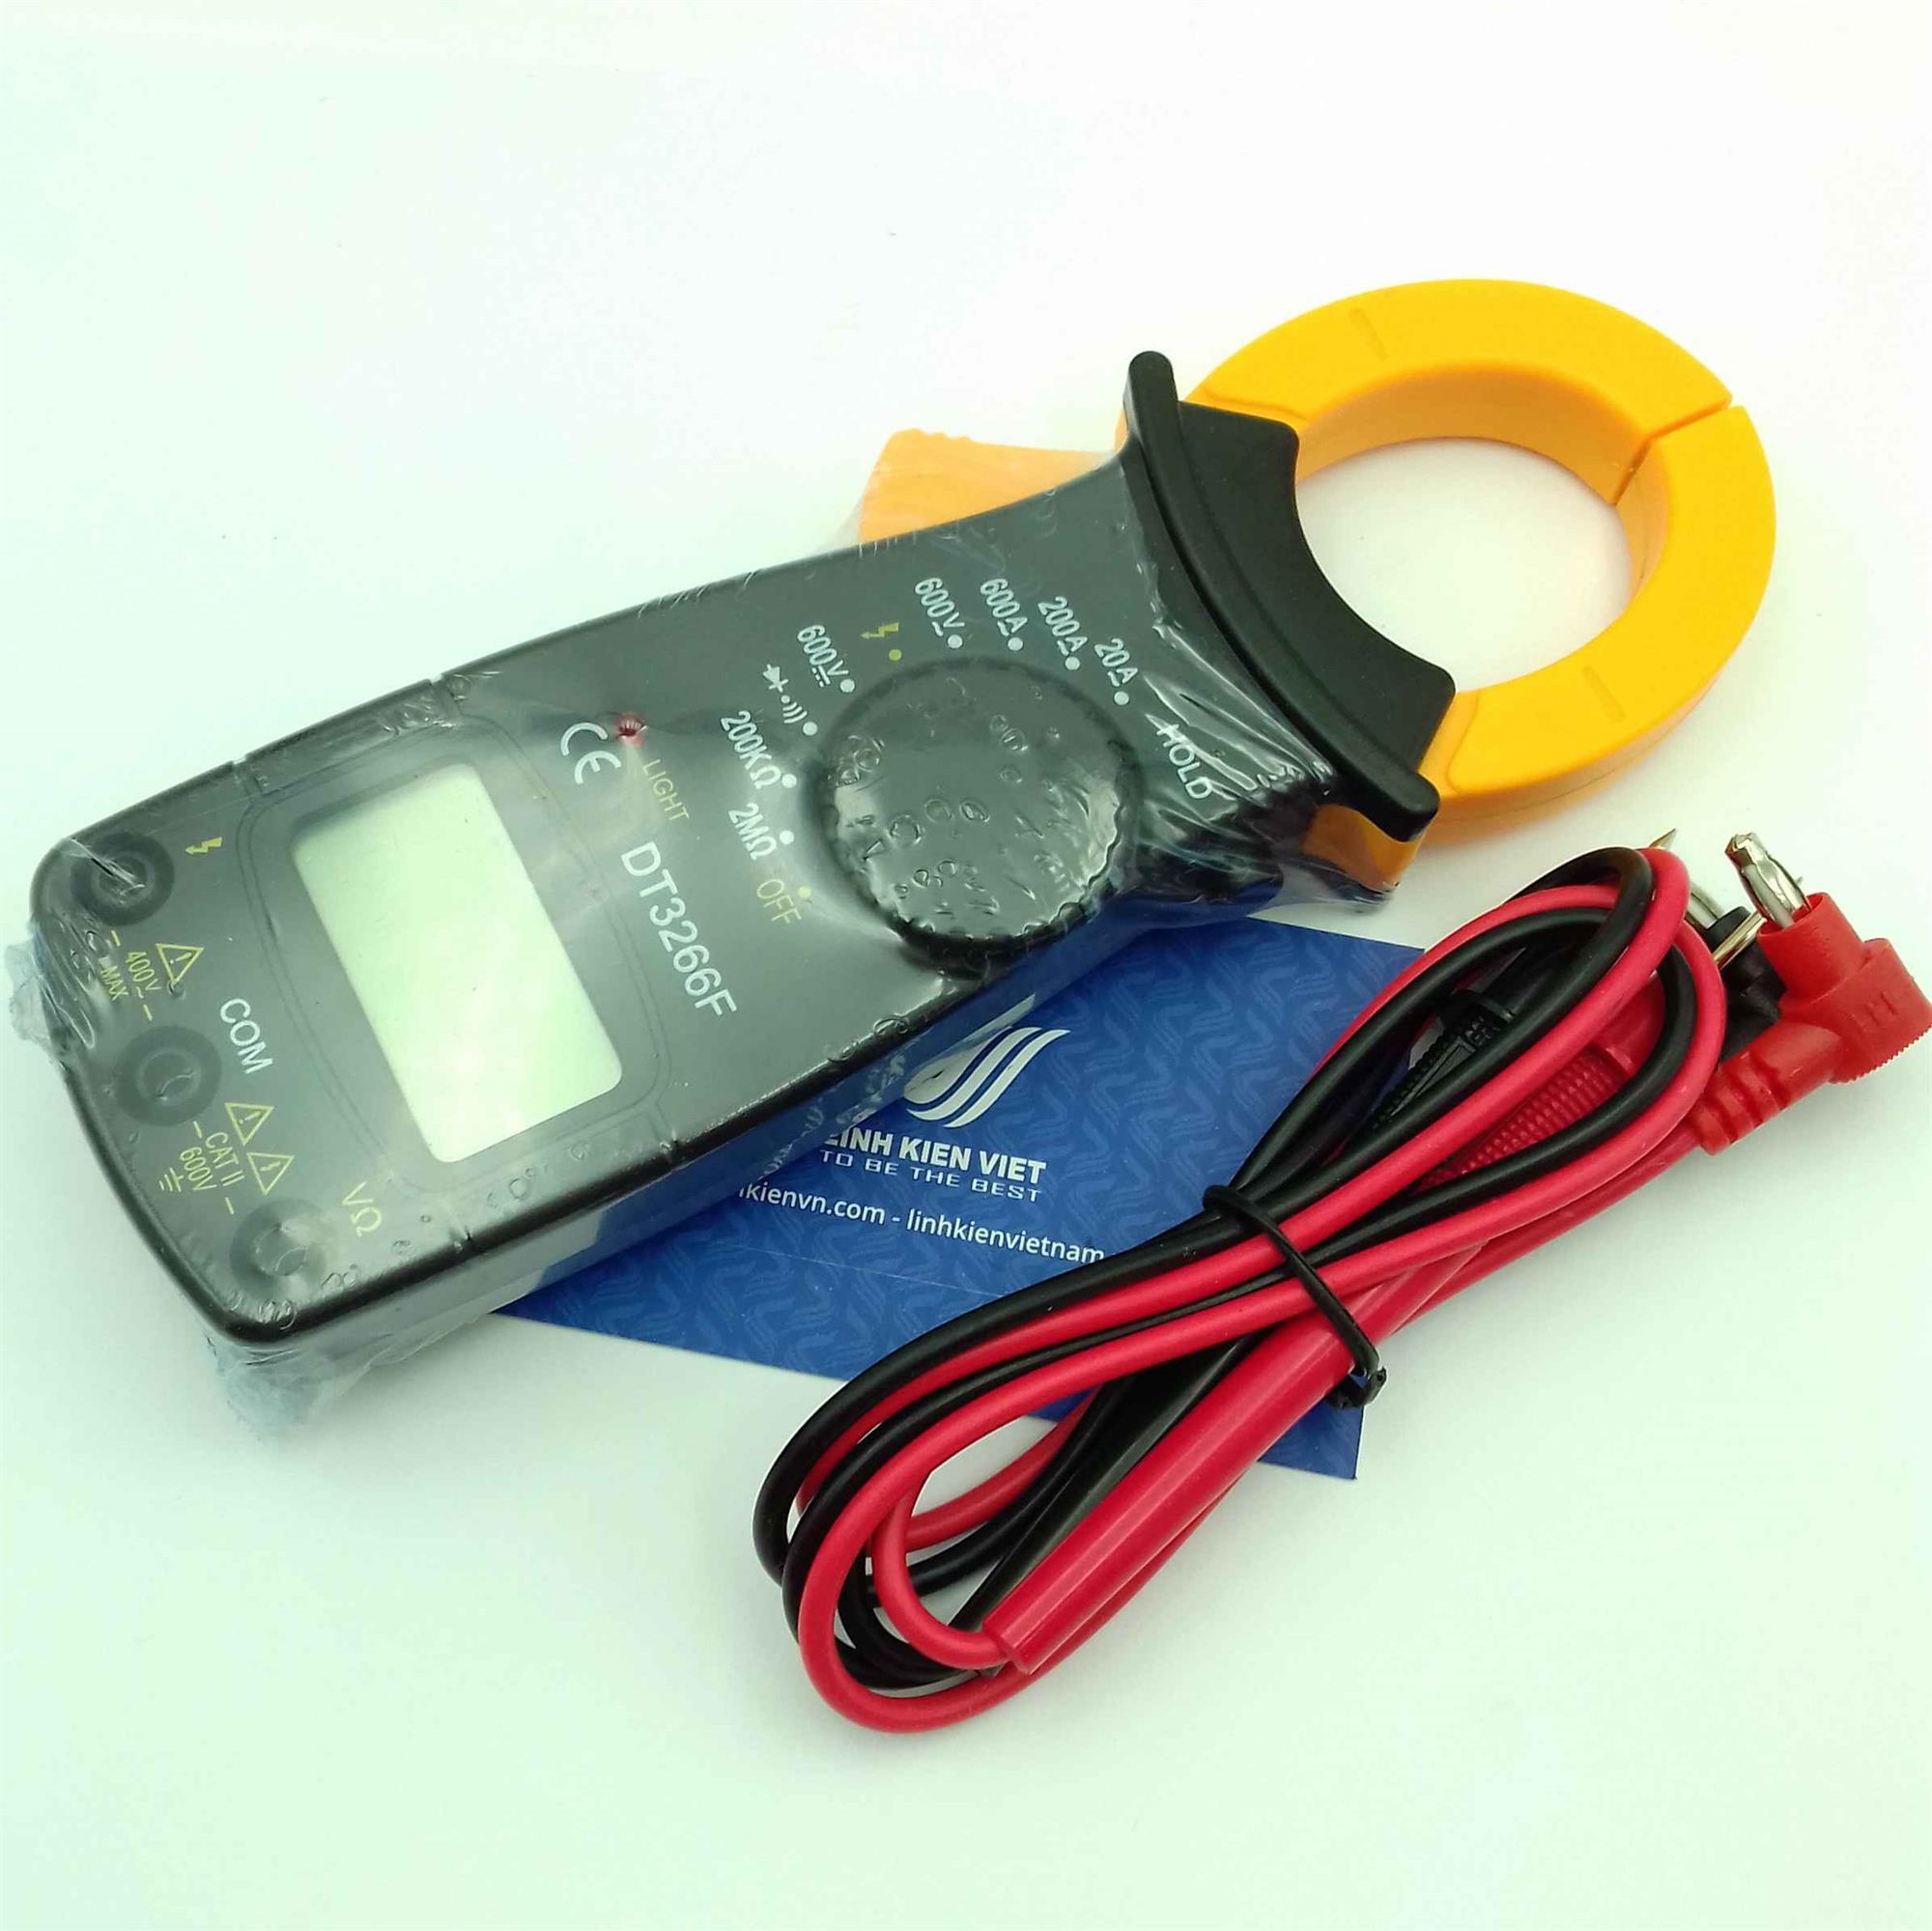 Đồng hồ số kẹp DT3266L / Kẹp dòng DT3266F - KHO B